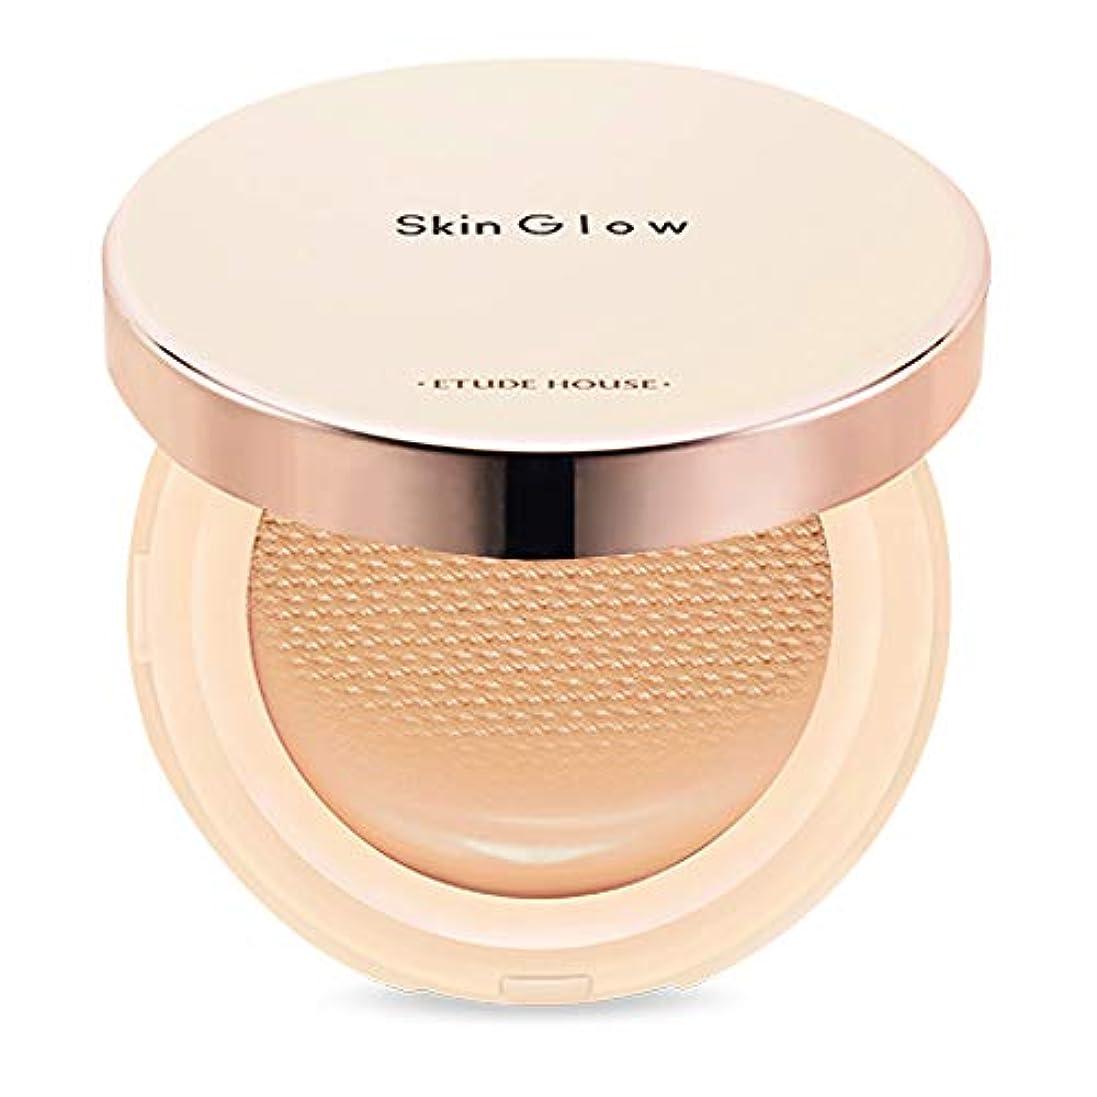 ボイド評価可能オレンジEtude House Skin Glow Essence Cushion SPF50+/PA++++ エチュードハウス スキン グロー エッセンス クッション (# N05 Sand) [並行輸入品]